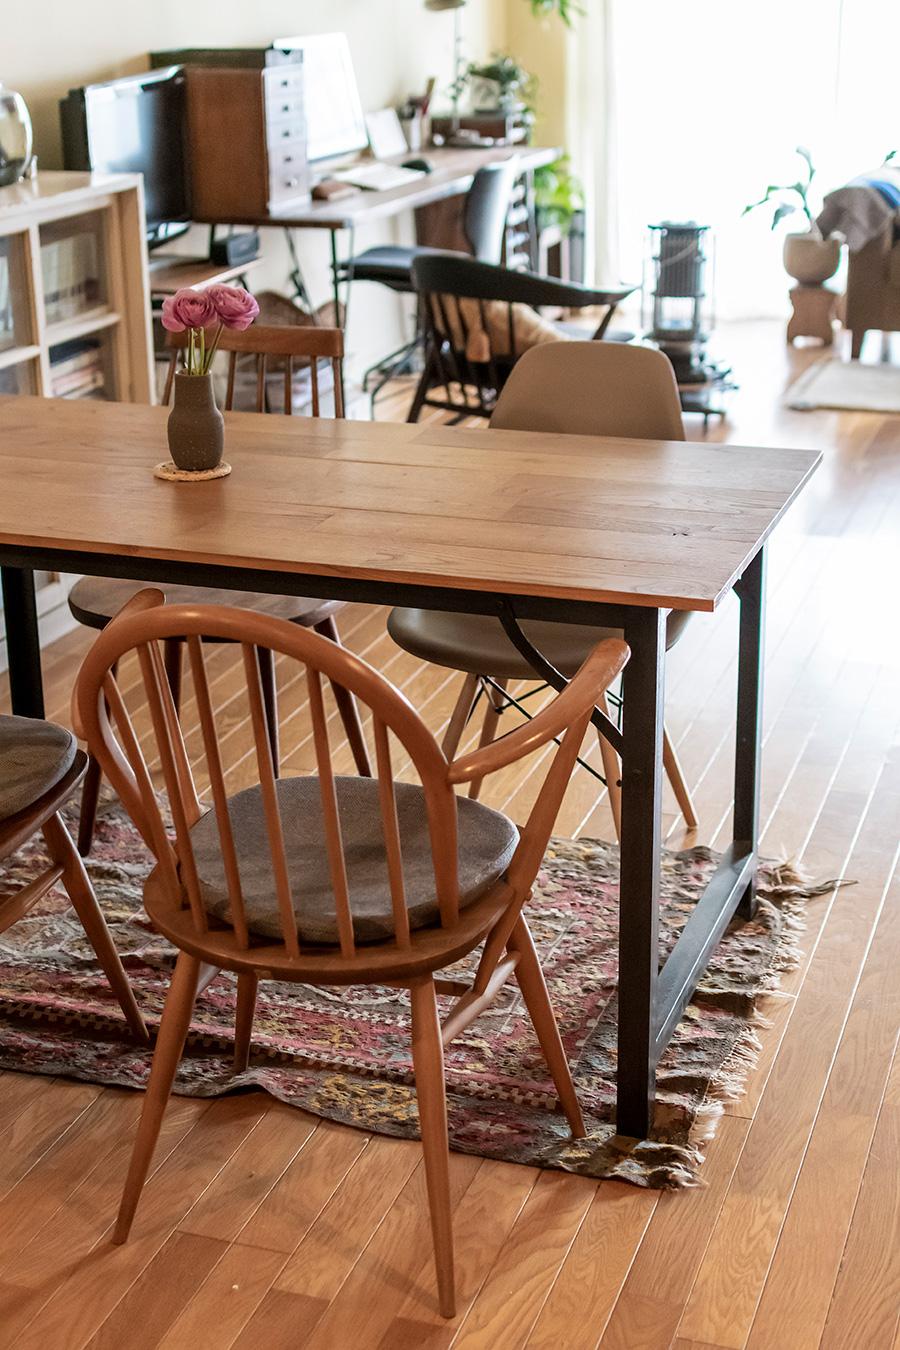 ダイニングテーブルは「REFACTORY antiques」の渡邉優太氏が製作したもの。